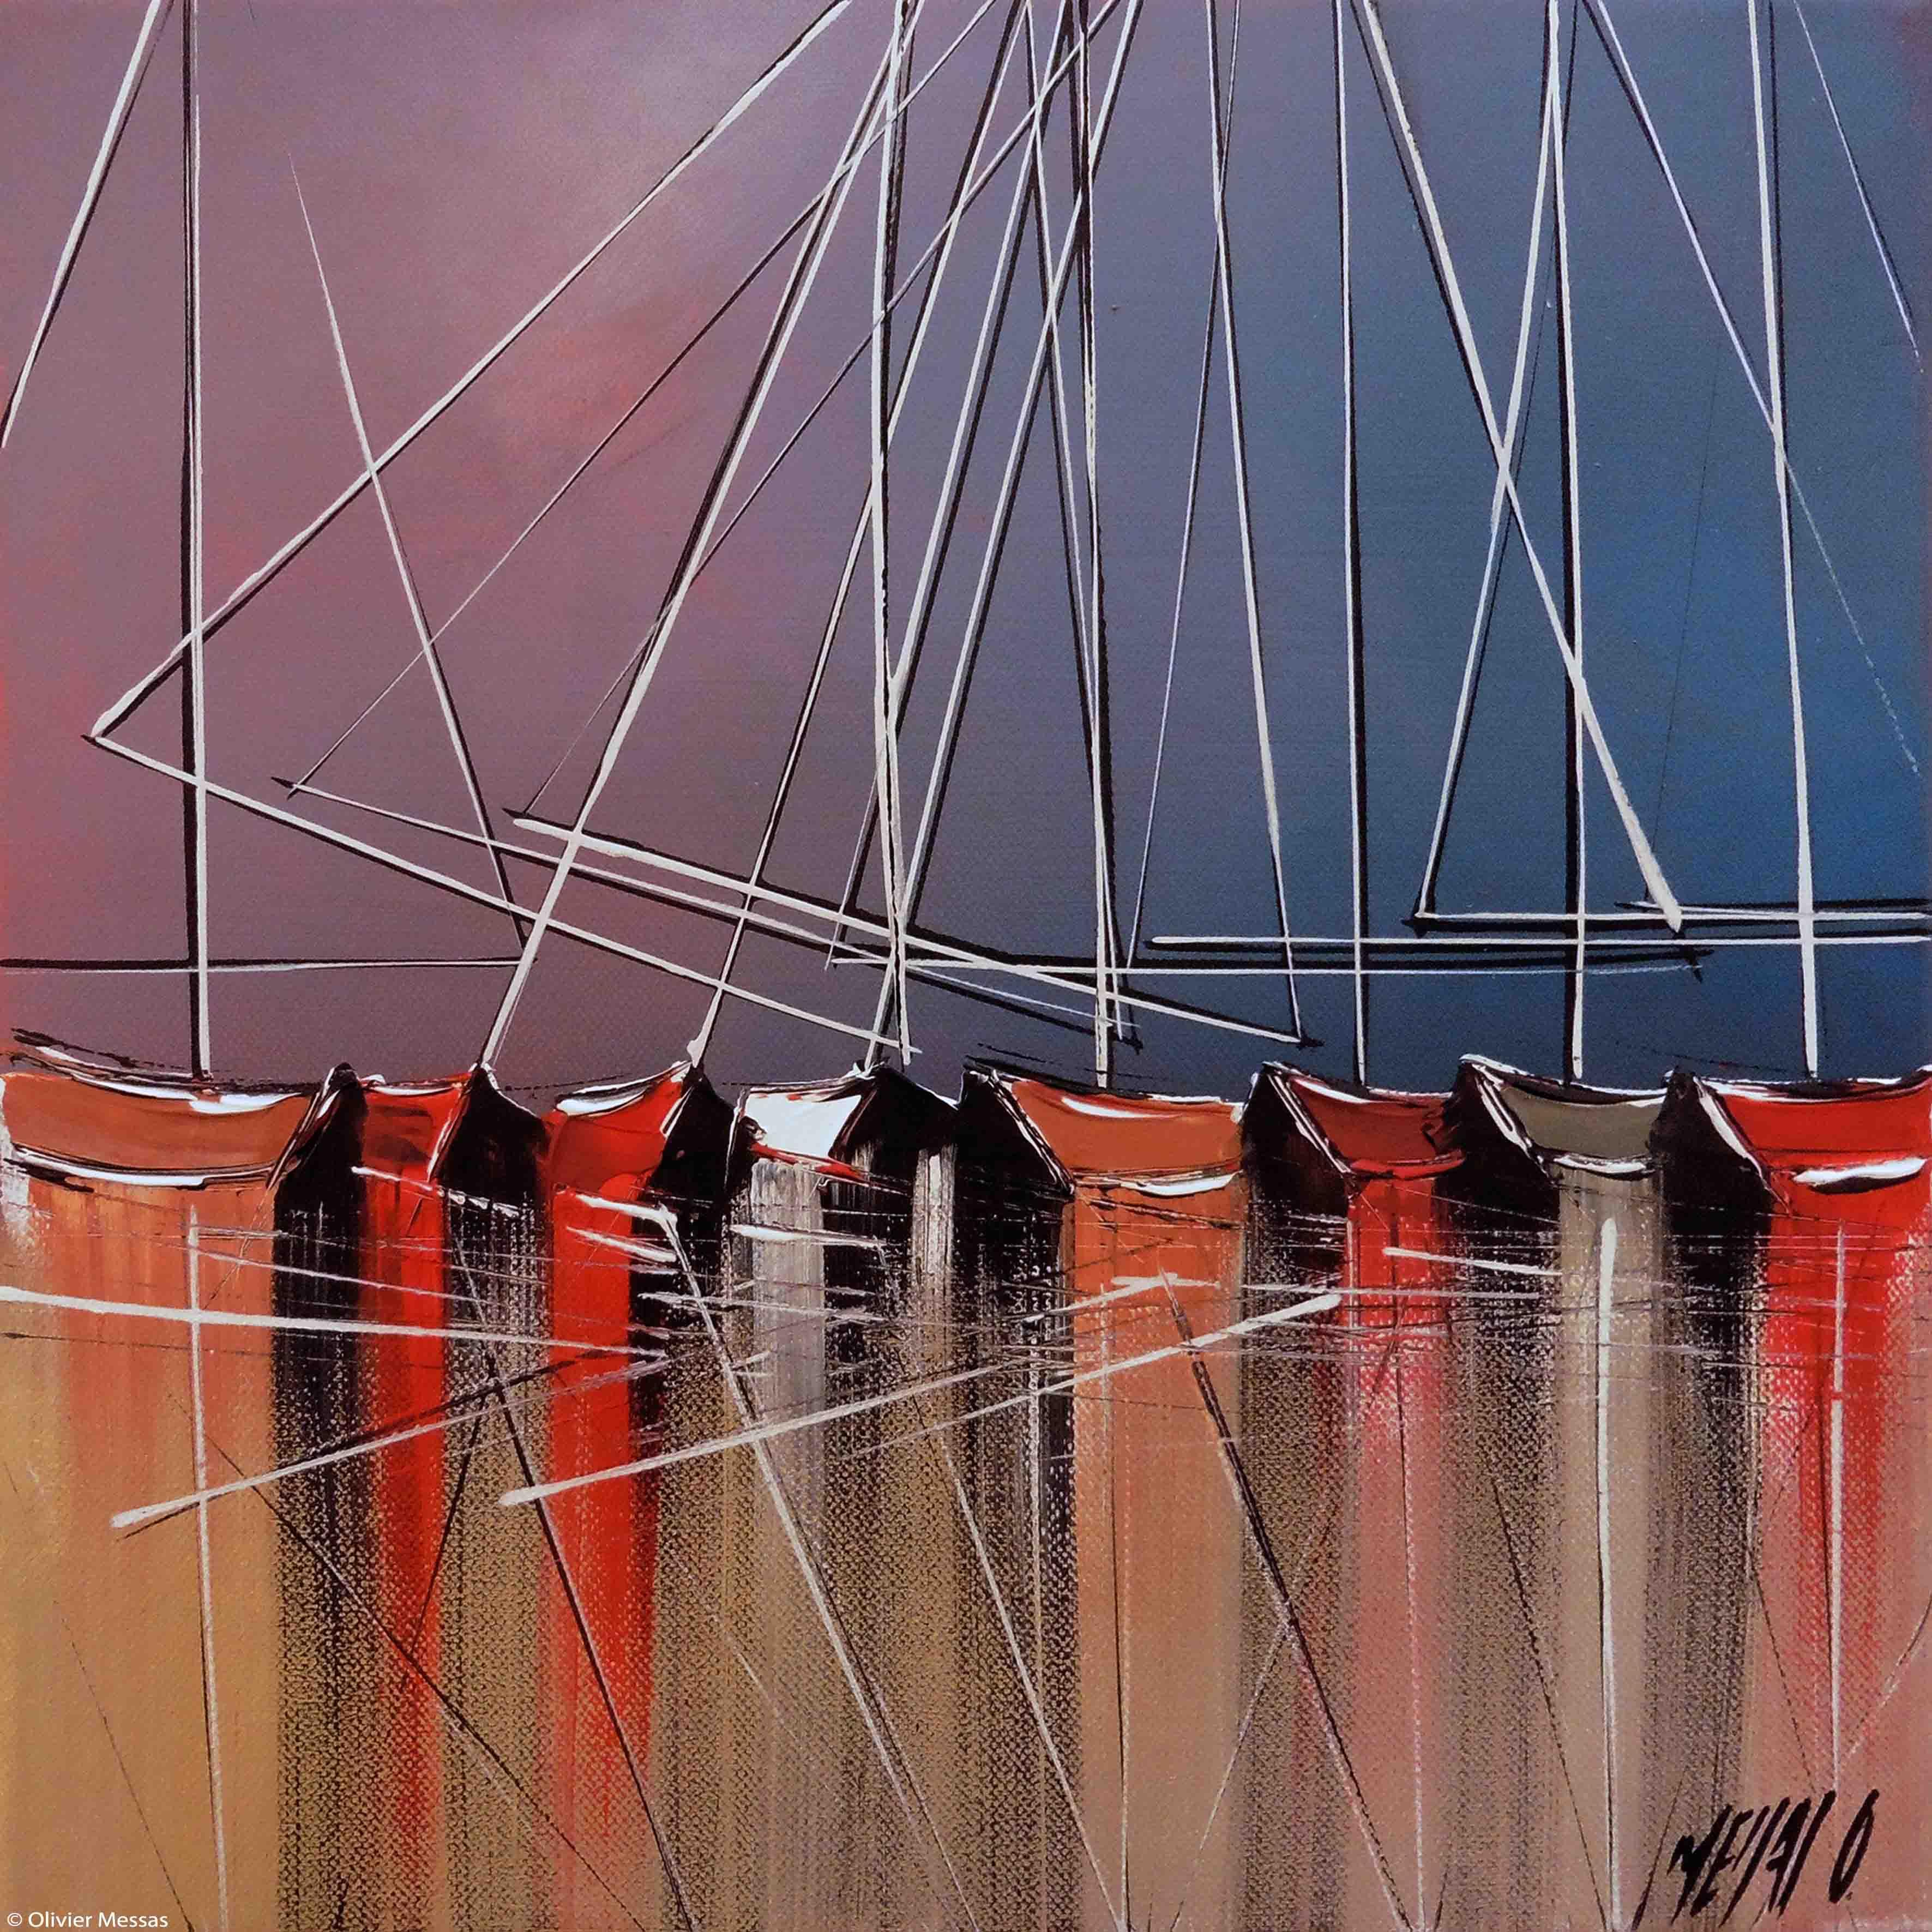 Jeux de reflet III, 30x30cm